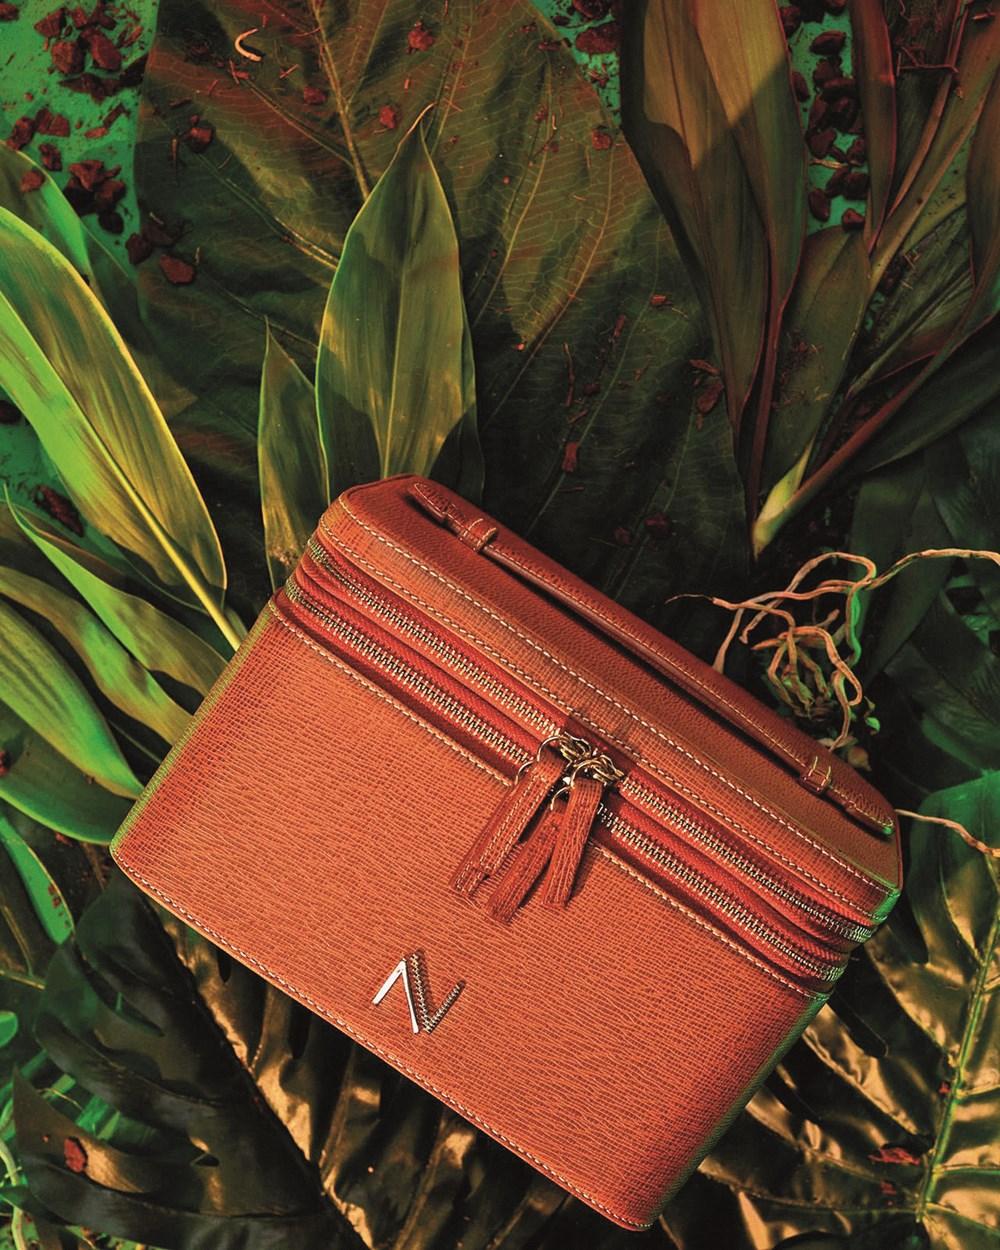 حقيبة من مجموعة البرتقالي المحروق.